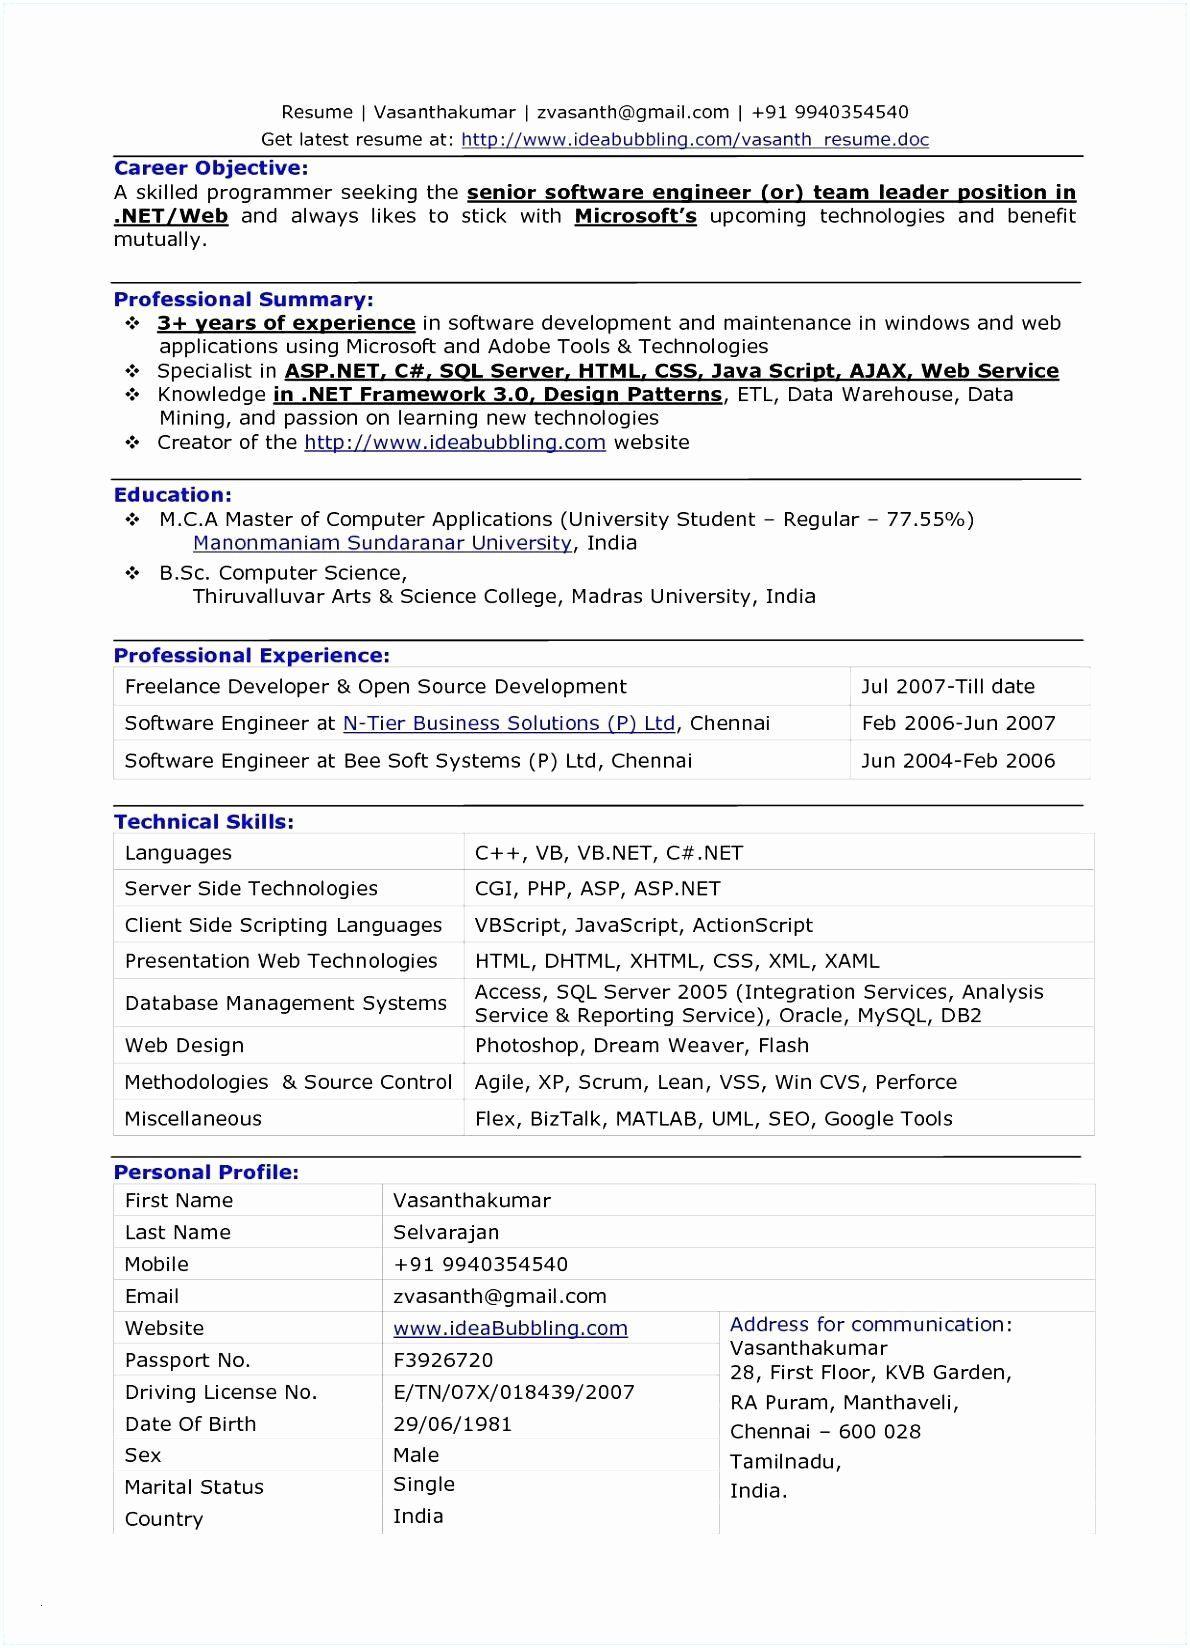 Real Cv Examples Resume Samples Visual Cv Free Samples Database Architect Resume Architect Resume Sample Professional Resume Samples